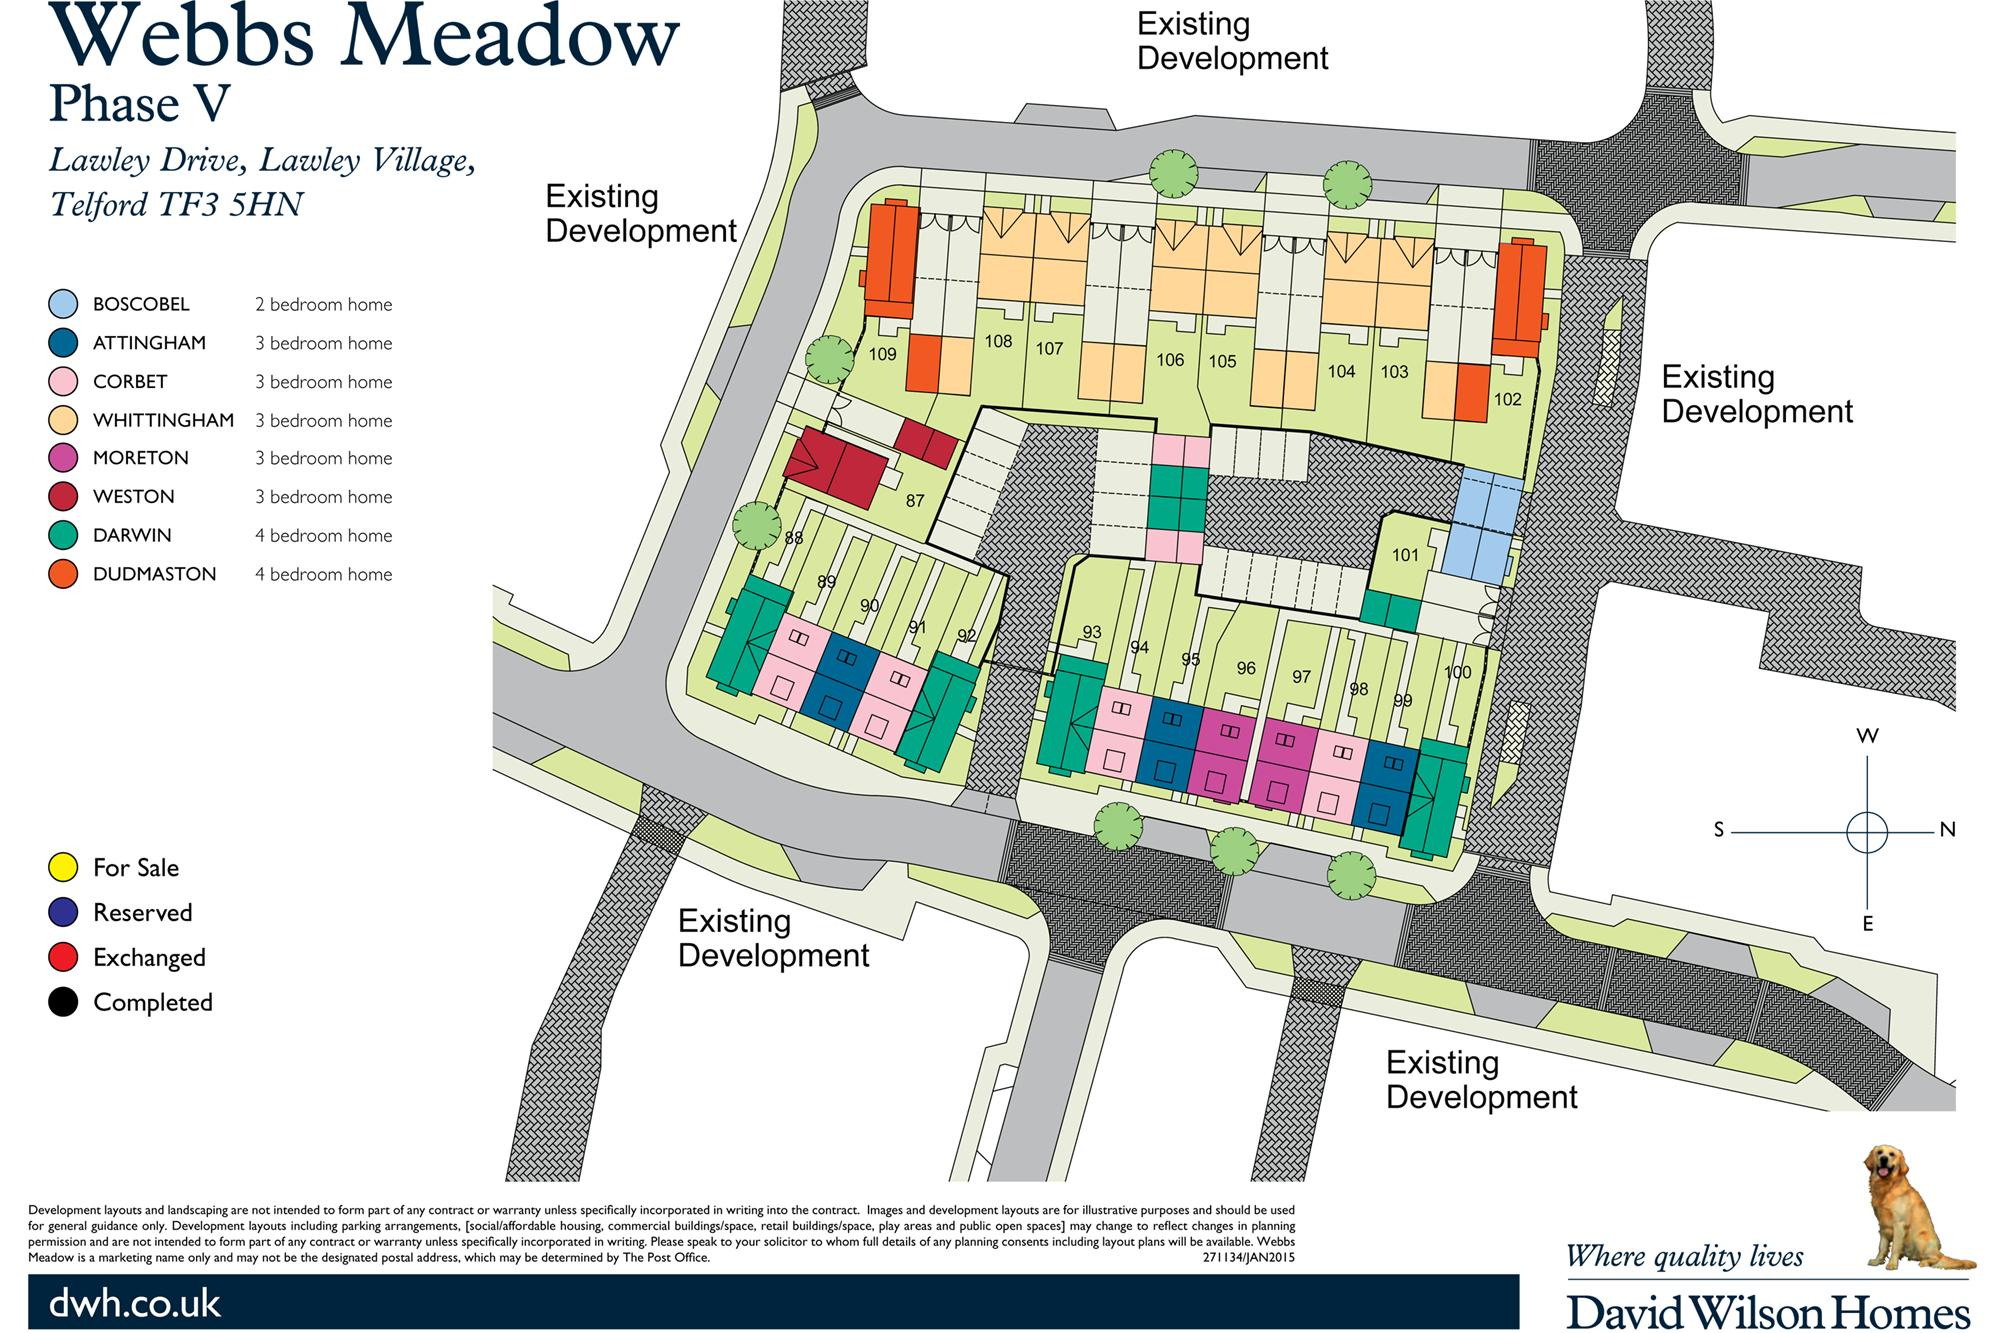 Webbs Meadow phase 5